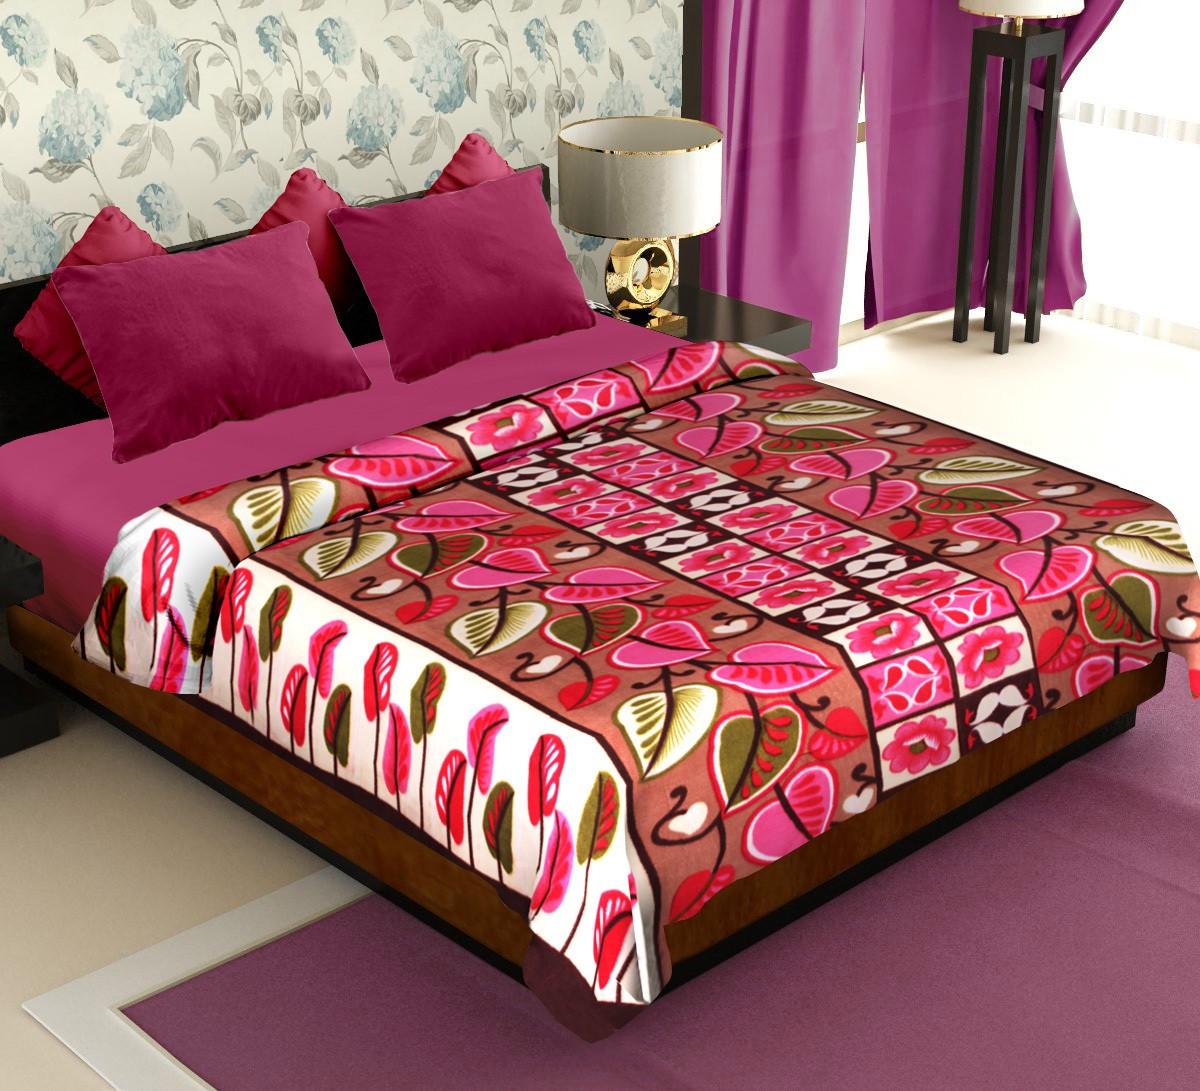 Flipkart - Double Fleece Blankets  Just @ Rs.399